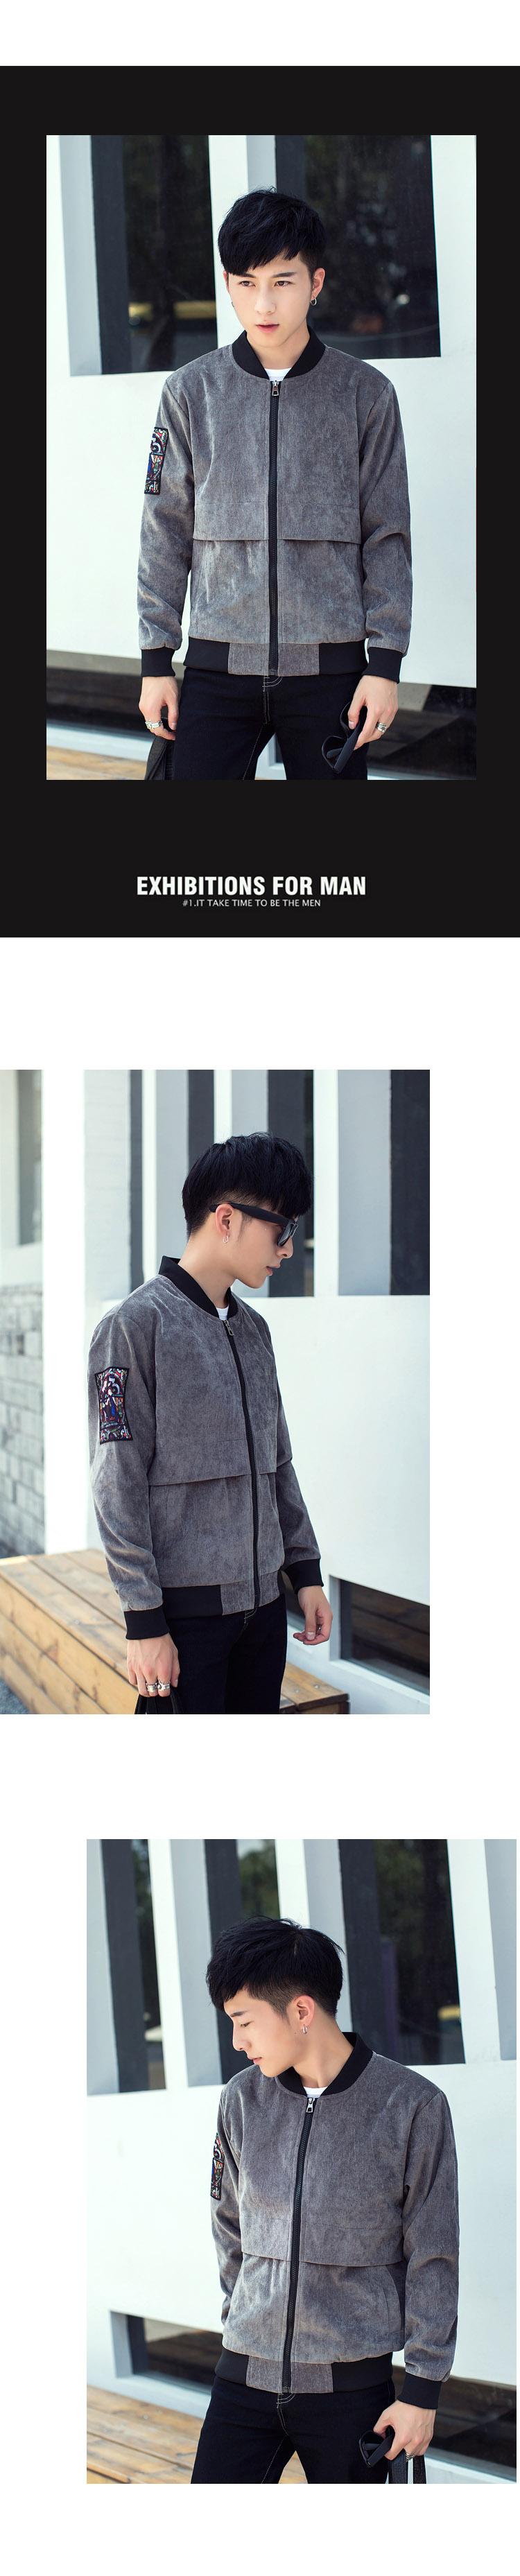 Của nam giới 2017 mùa thu mới của Hàn Quốc áo khoác giản dị áo khoác mùa xuân và mùa thu quần áo thời trang sinh viên xu hướng hoang dã mùa thu